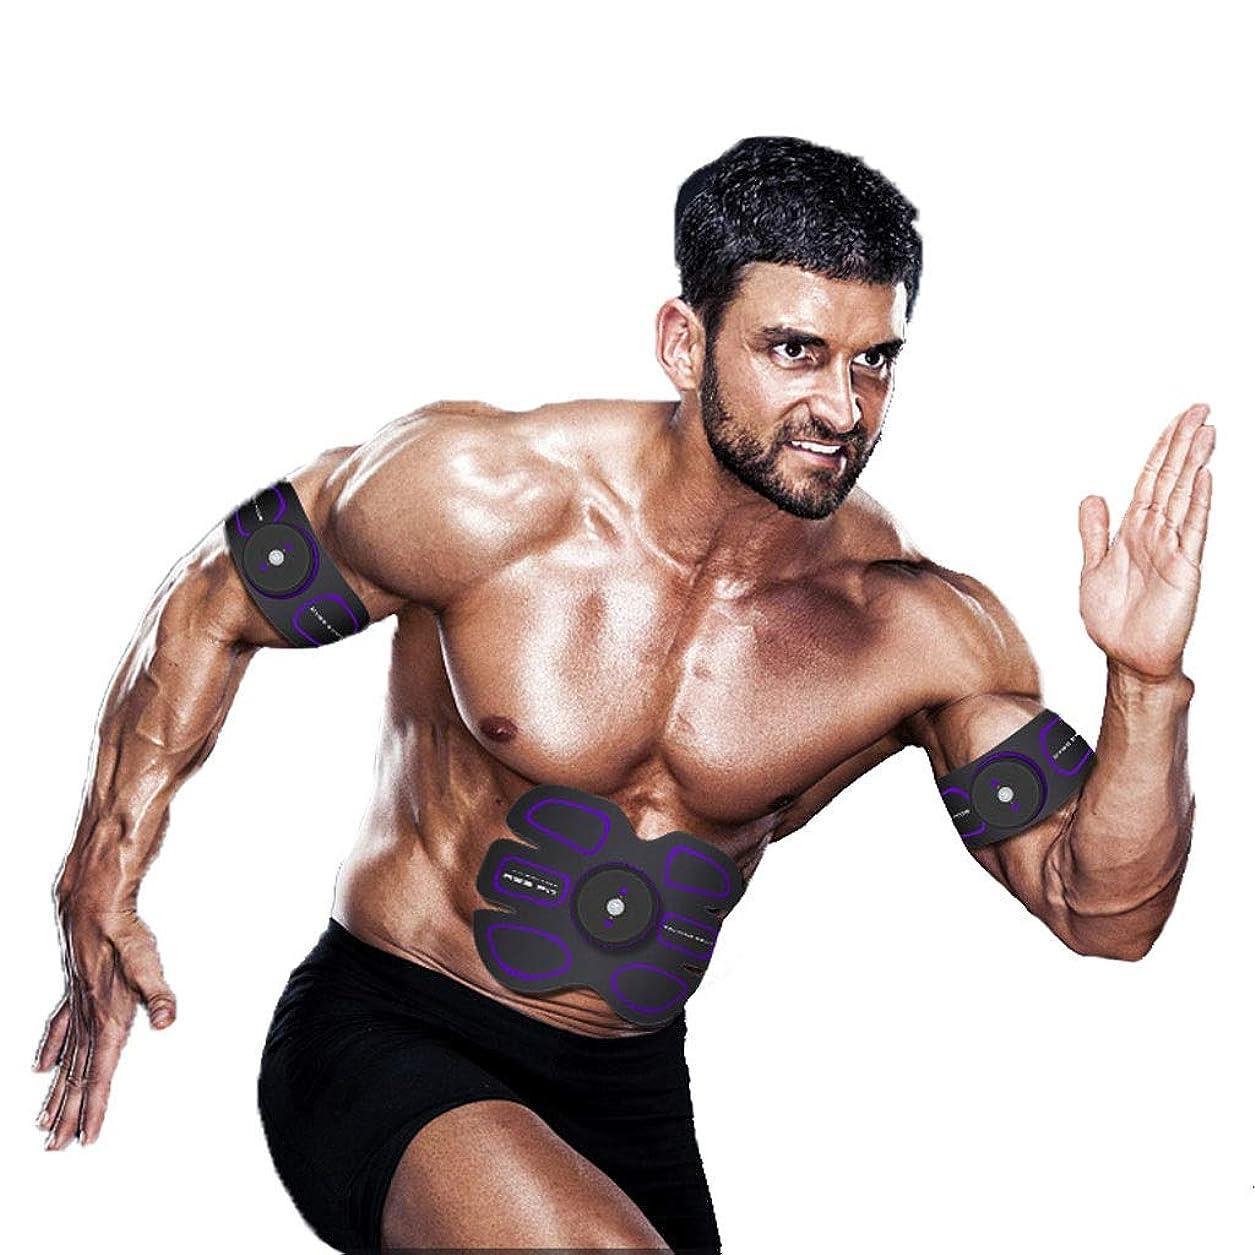 降下定義推測するEMS ABSトレーナー、腹部調色ベルトAbトナーEMSマッスルスティミュレーター、マッスルトナーフィットネストレーニングギア(男性用)女性腹部&アーム&レッグトレーナー